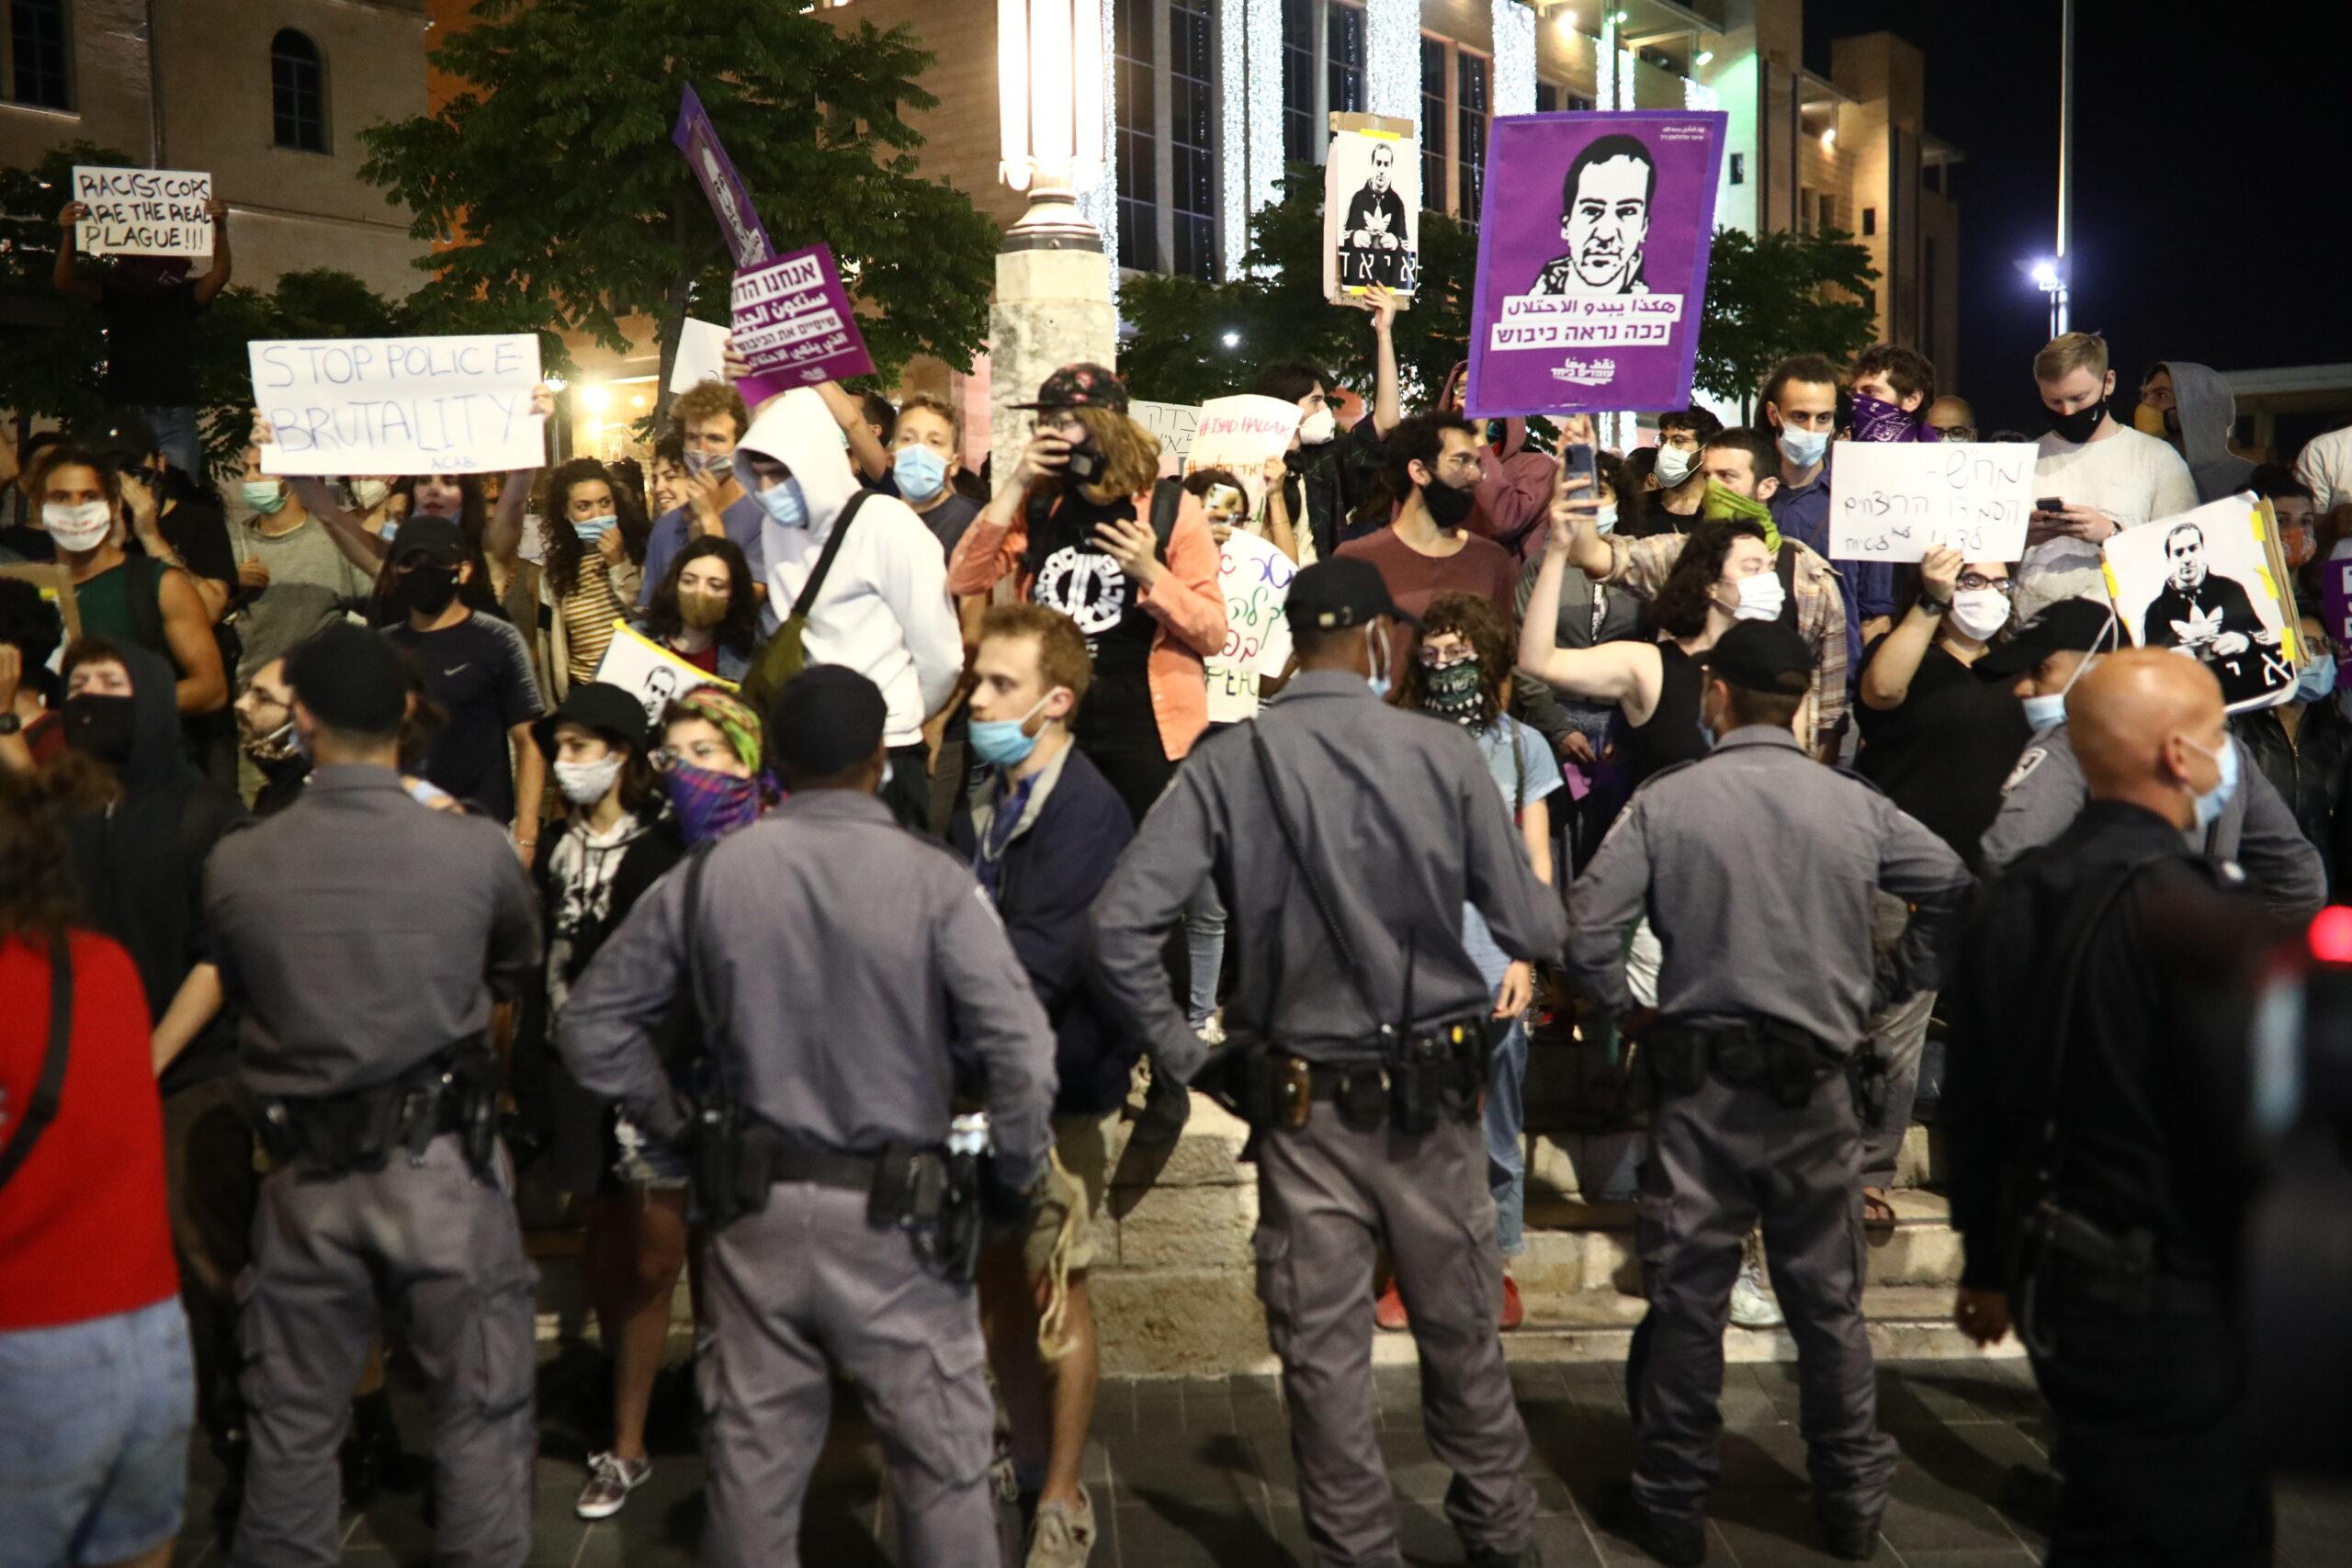 מפגינים בכיכר ספרא בירושלים במחאה על רצח איאד אלחלאק (אורן זיו)